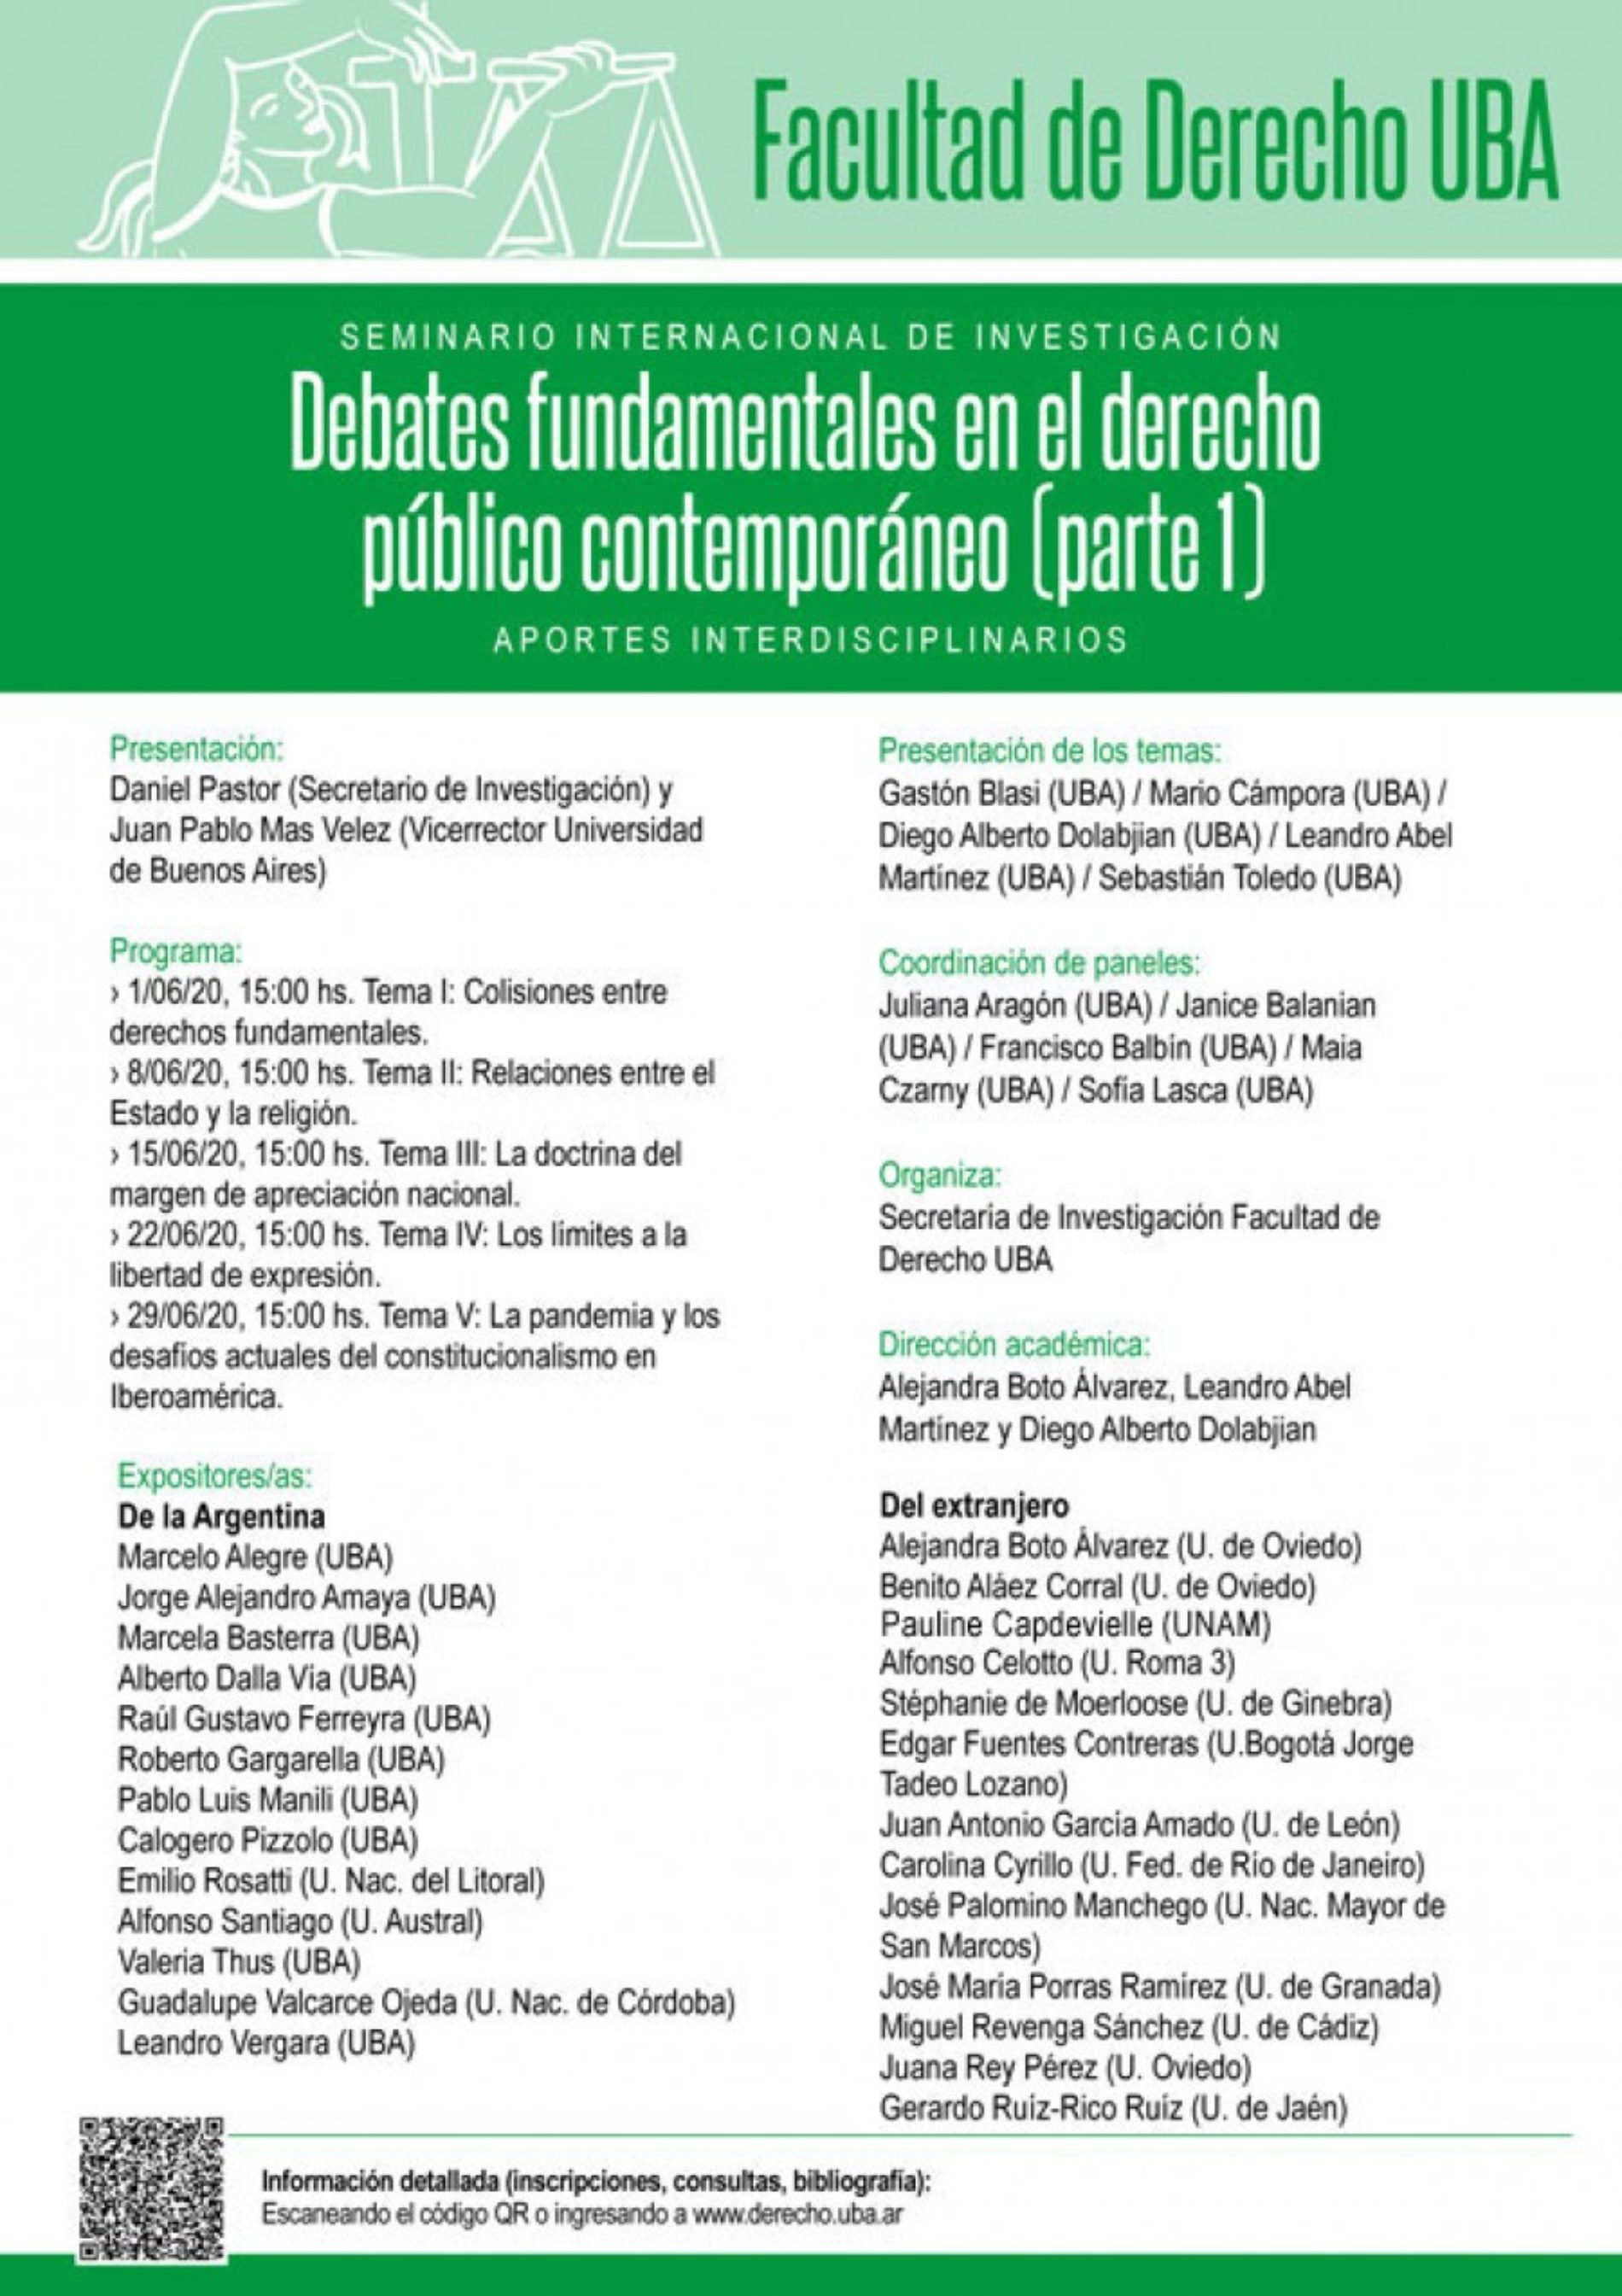 Seminario de investigación: «Debates fundamentales en el derecho público contemporáneo» (Parte I). Aportes interdisciplinarios.